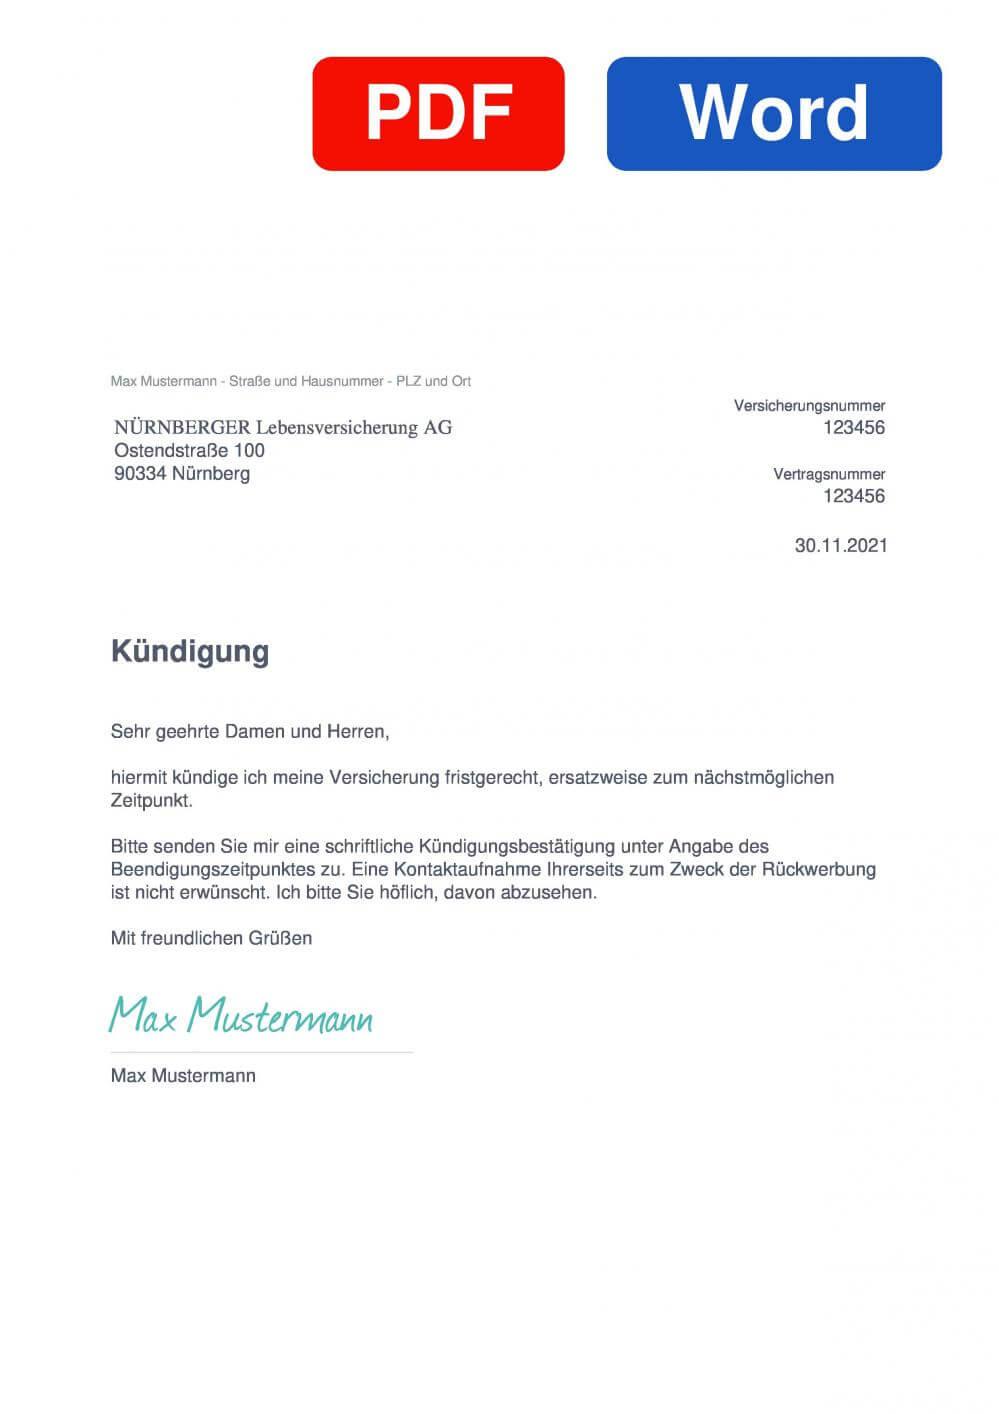 NÜRNBERGER Basisrente Muster Vorlage für Kündigungsschreiben